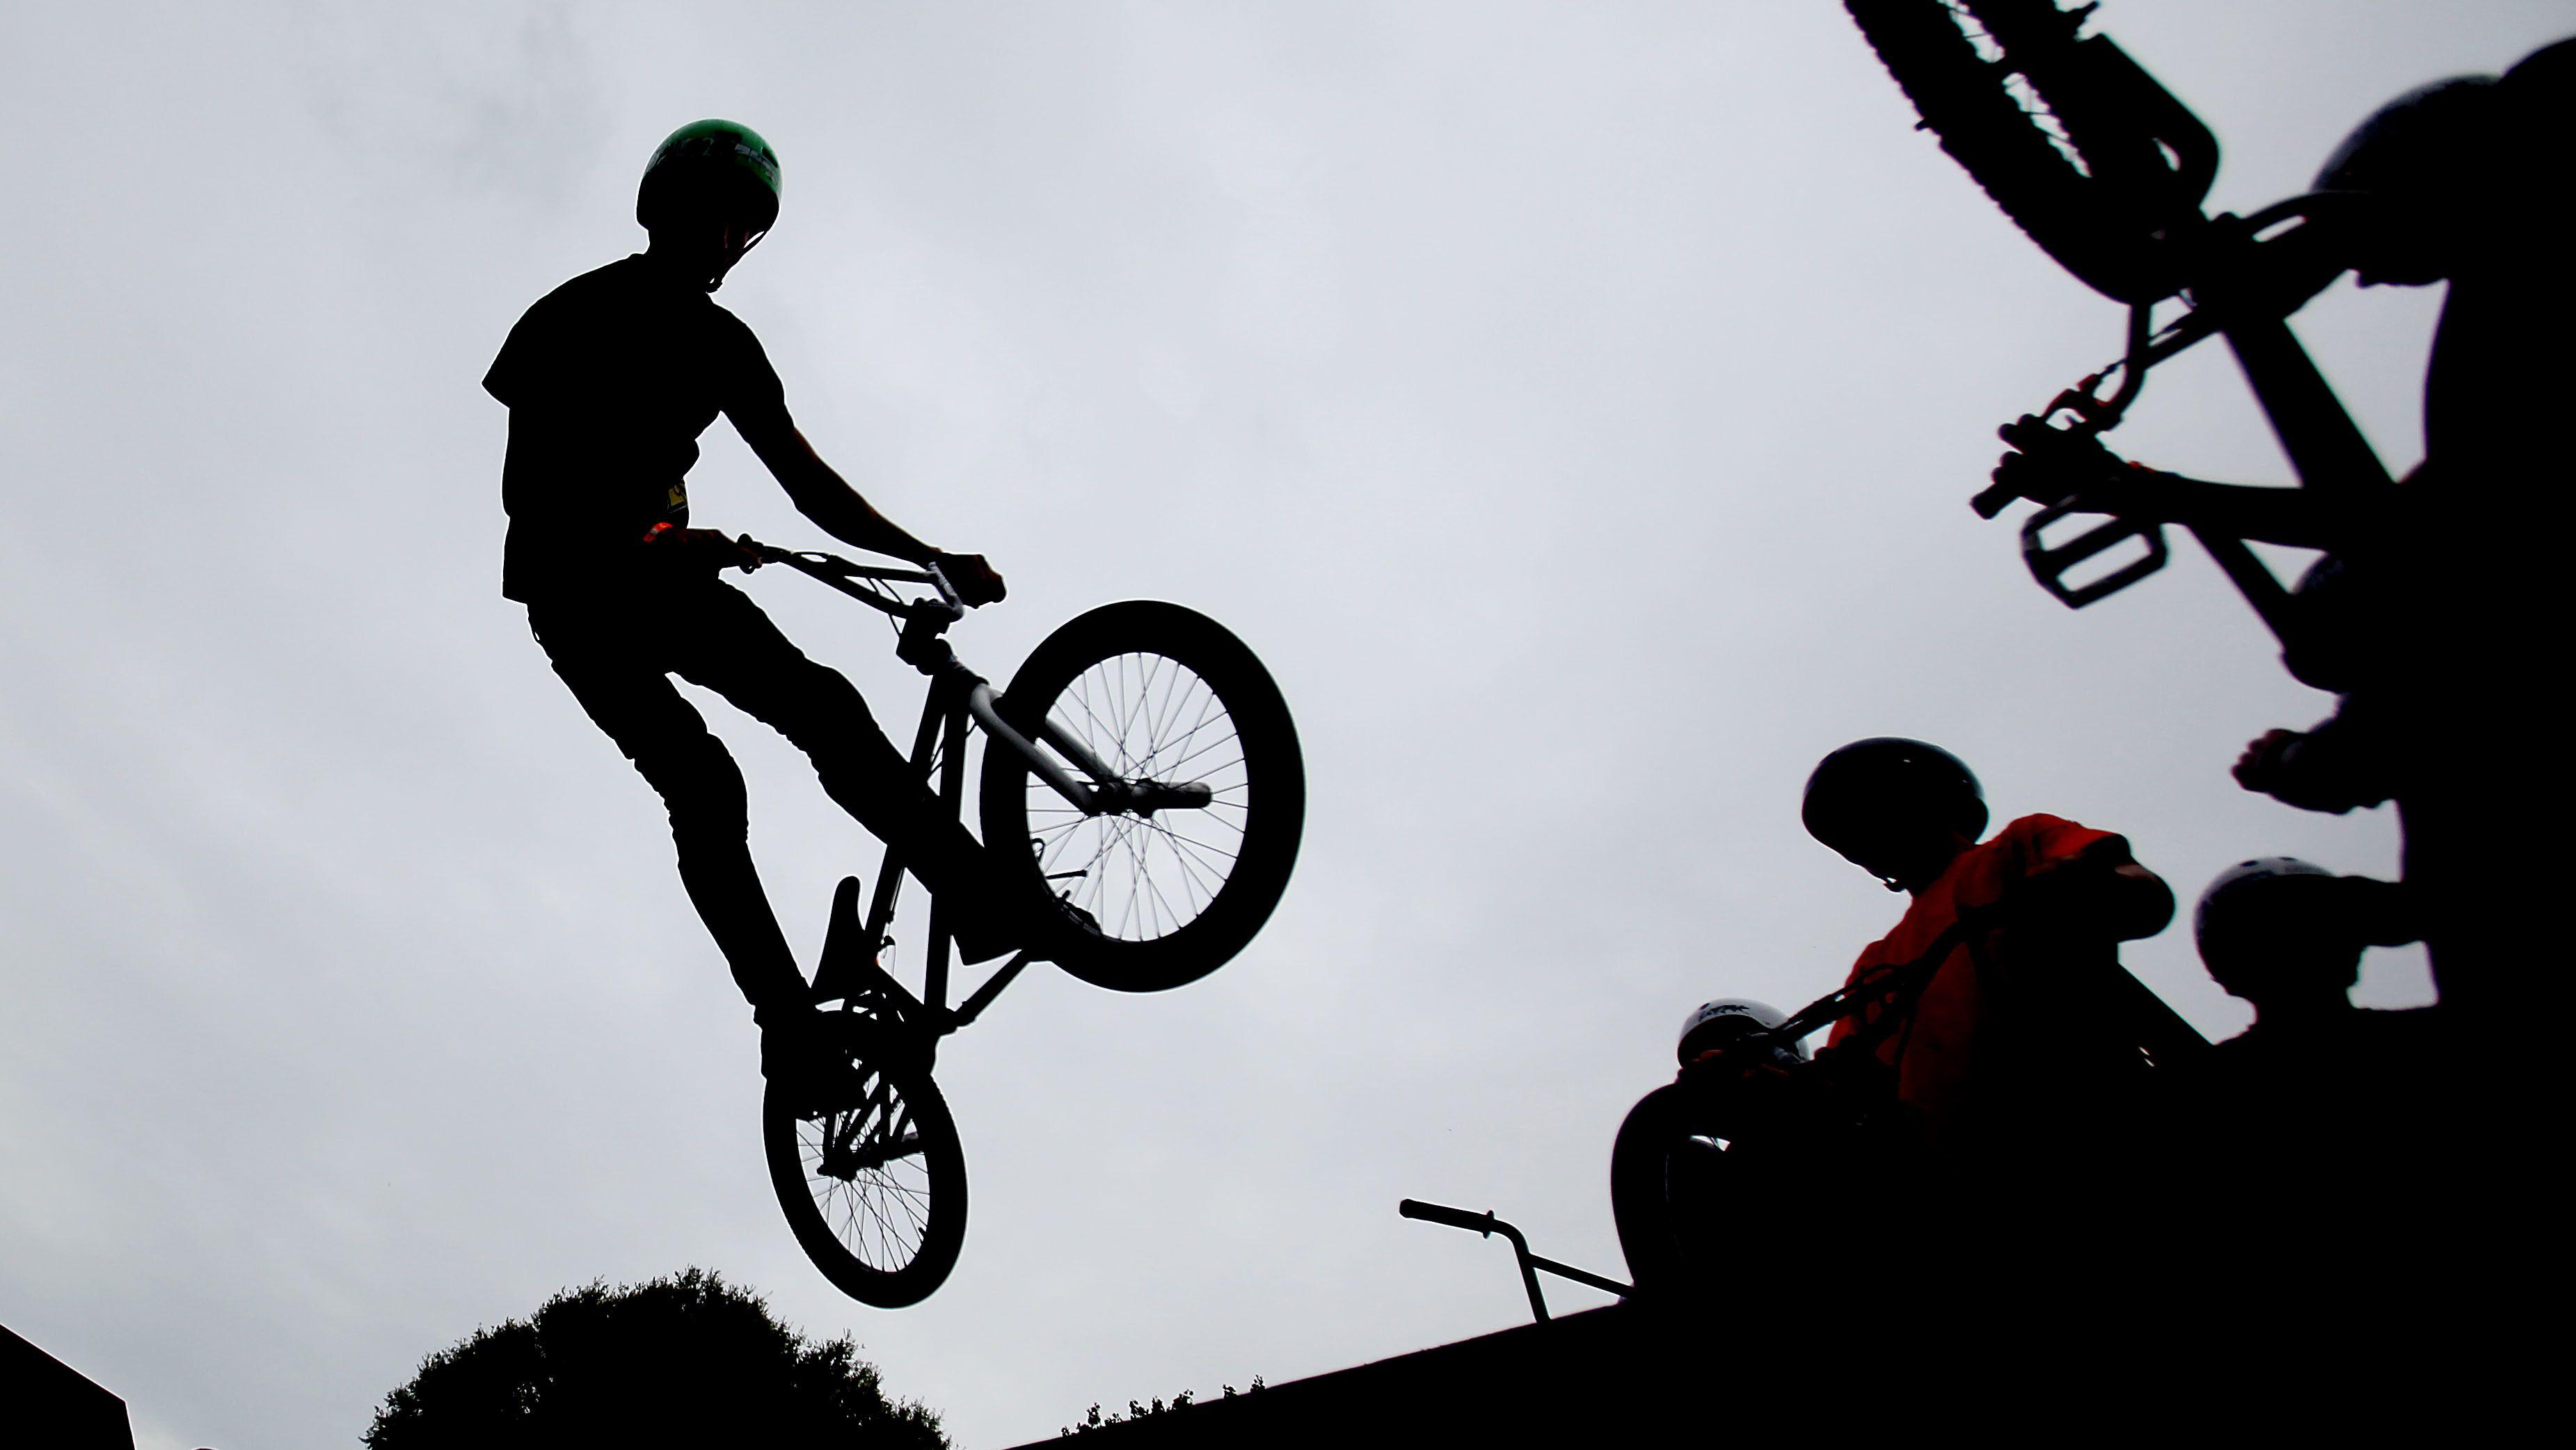 Ein Fahrradfahrer macht ein Kunststück mit seinem Freestyle-Bike